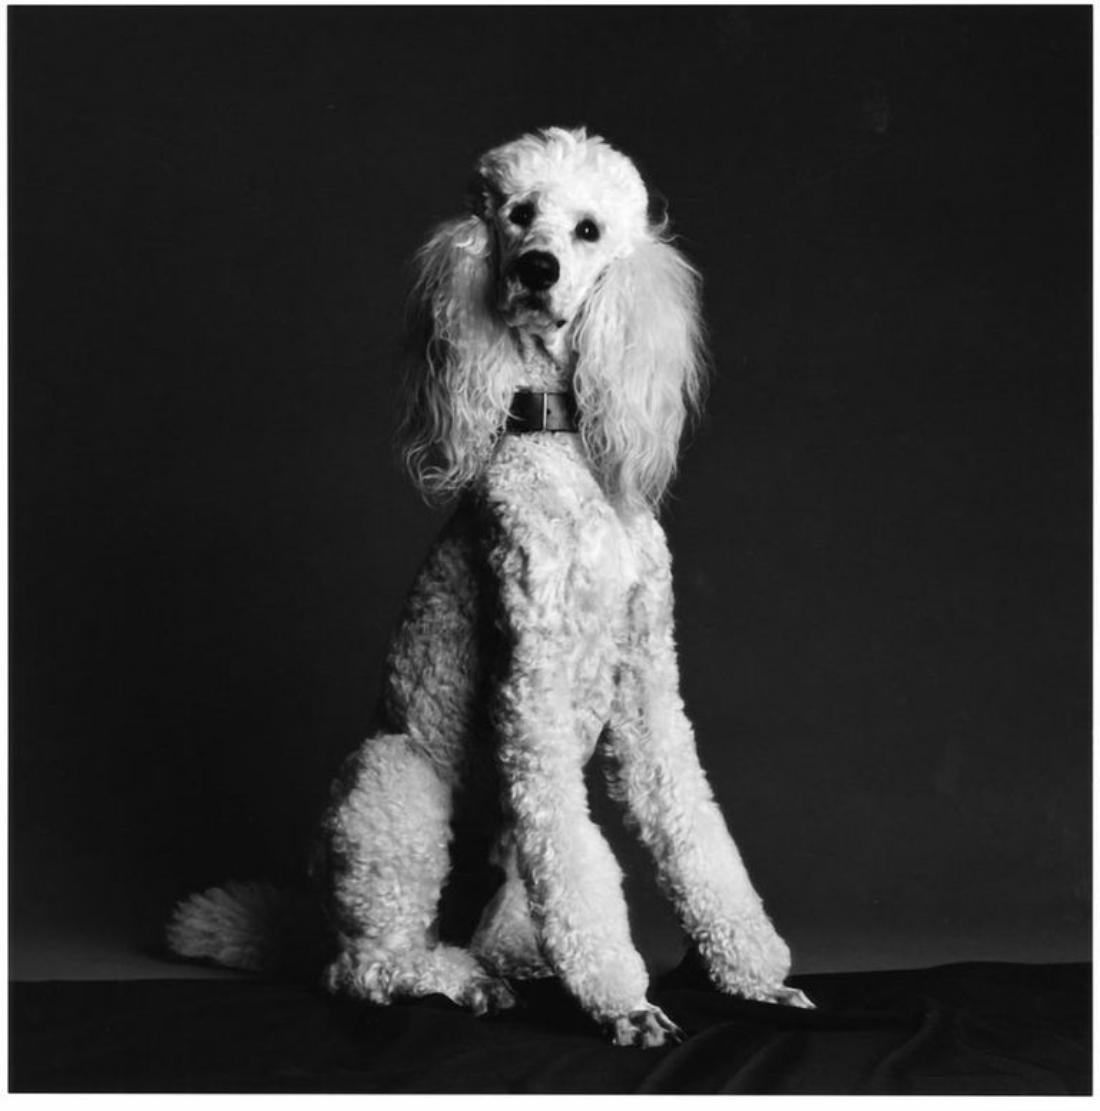 Artist Robert Greene's dog,Marsden